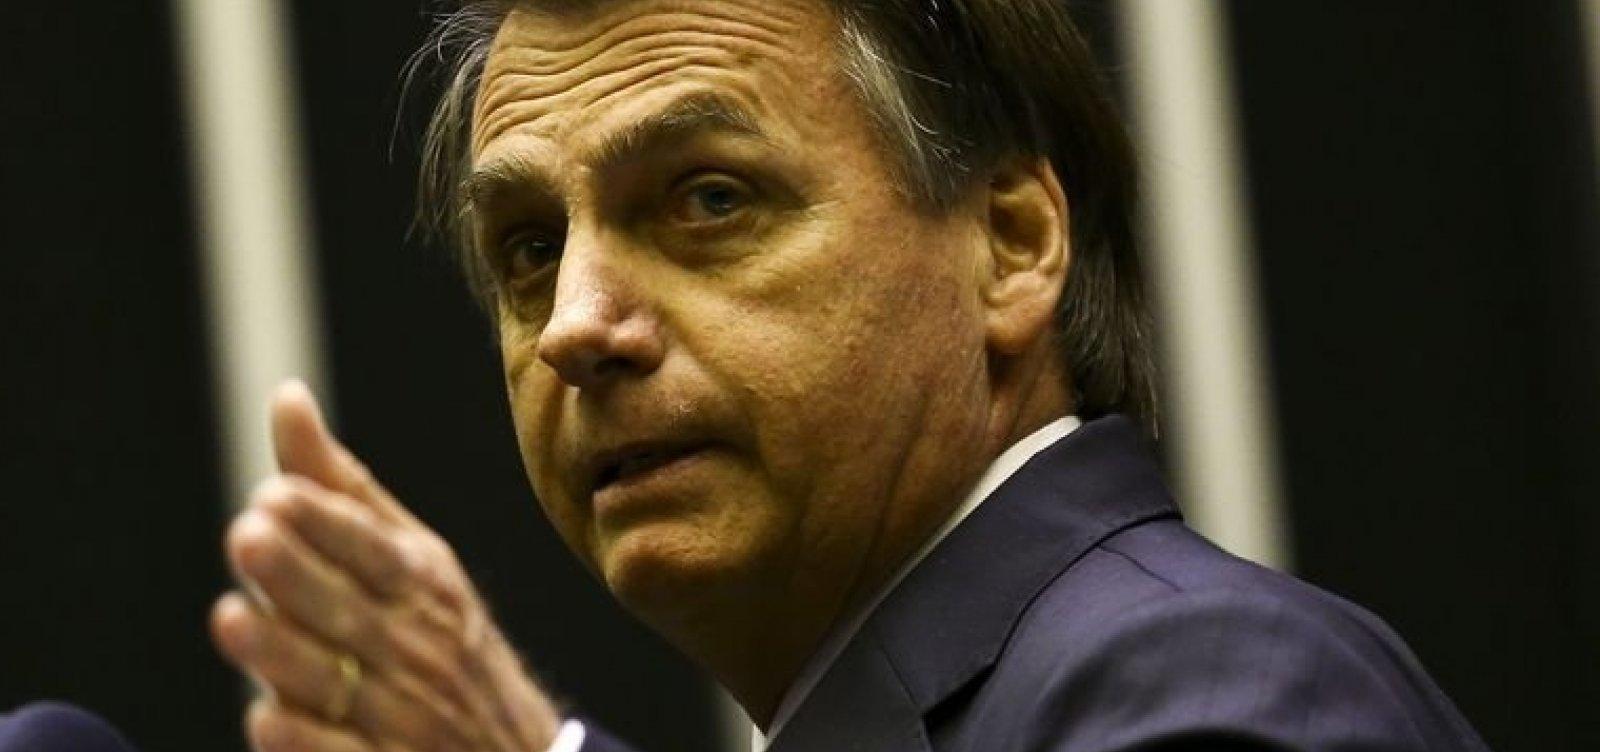 ['Muito próximo do caminho da prosperidade', diz Bolsonaro sobre o Brasil]